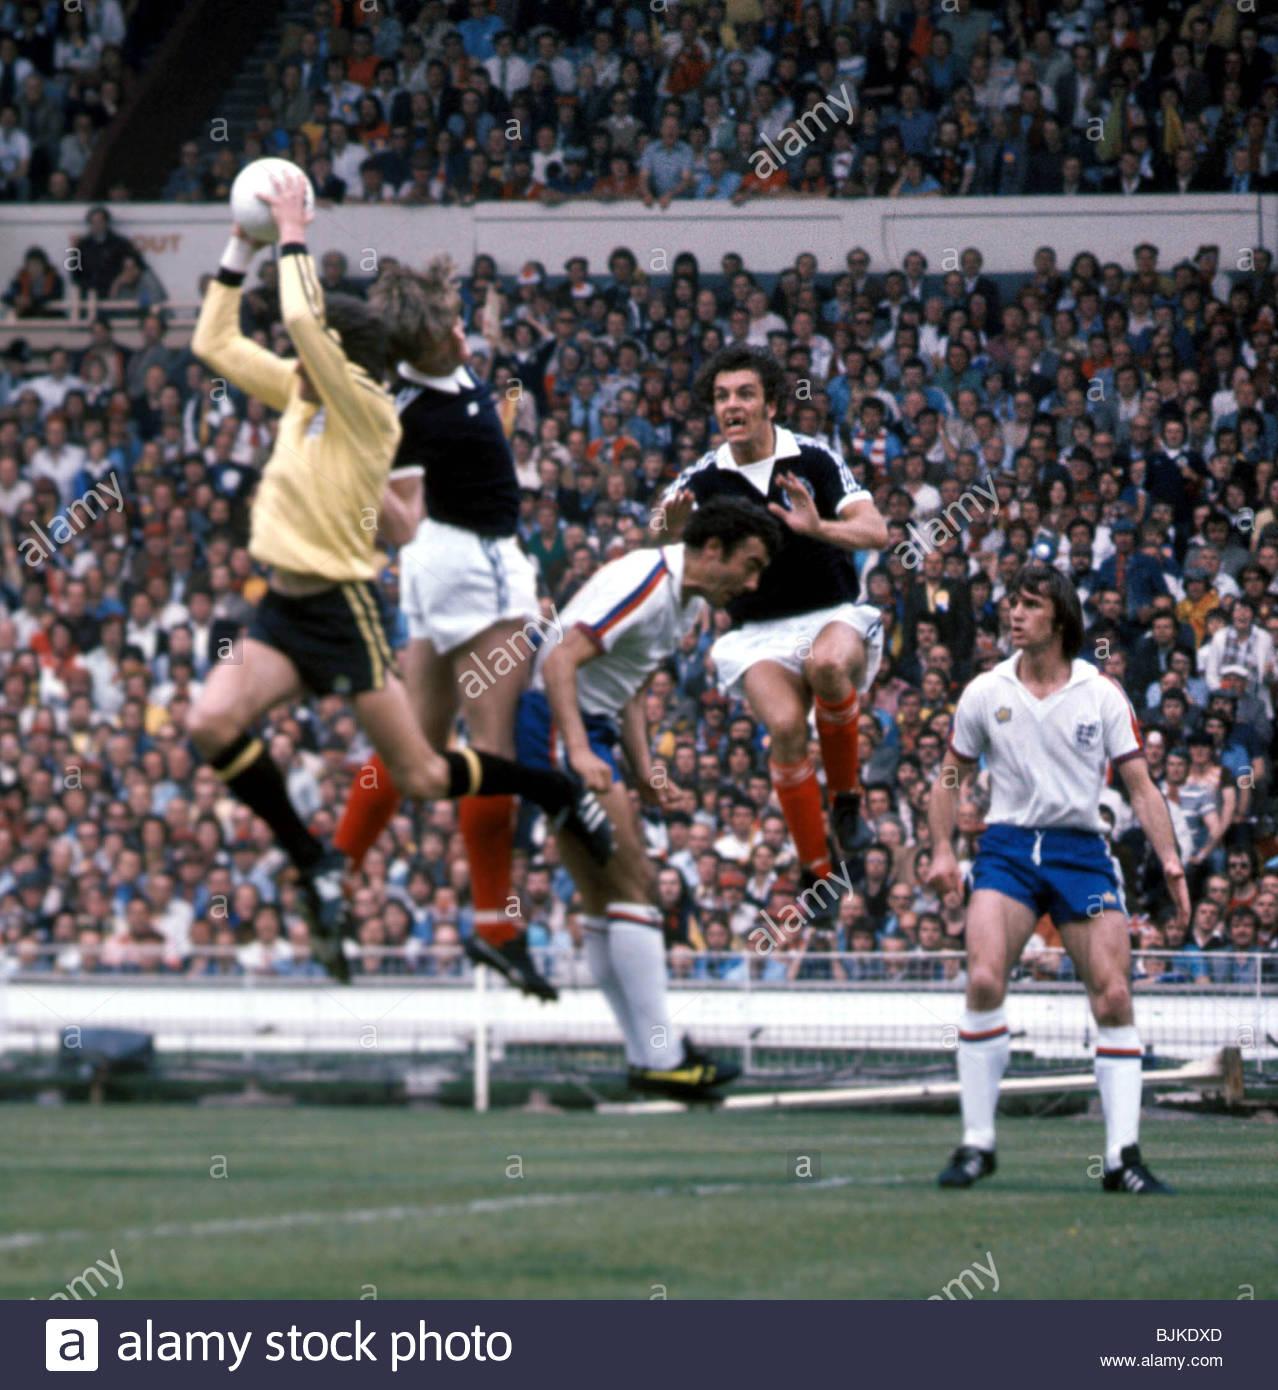 04/06/77 INTERNATIONAL FRIENDLY ENGLAND V SCOTLAND (1-2) WEMBLEY - LONDON England goalkeeper Ray Clemence (left) - Stock Image